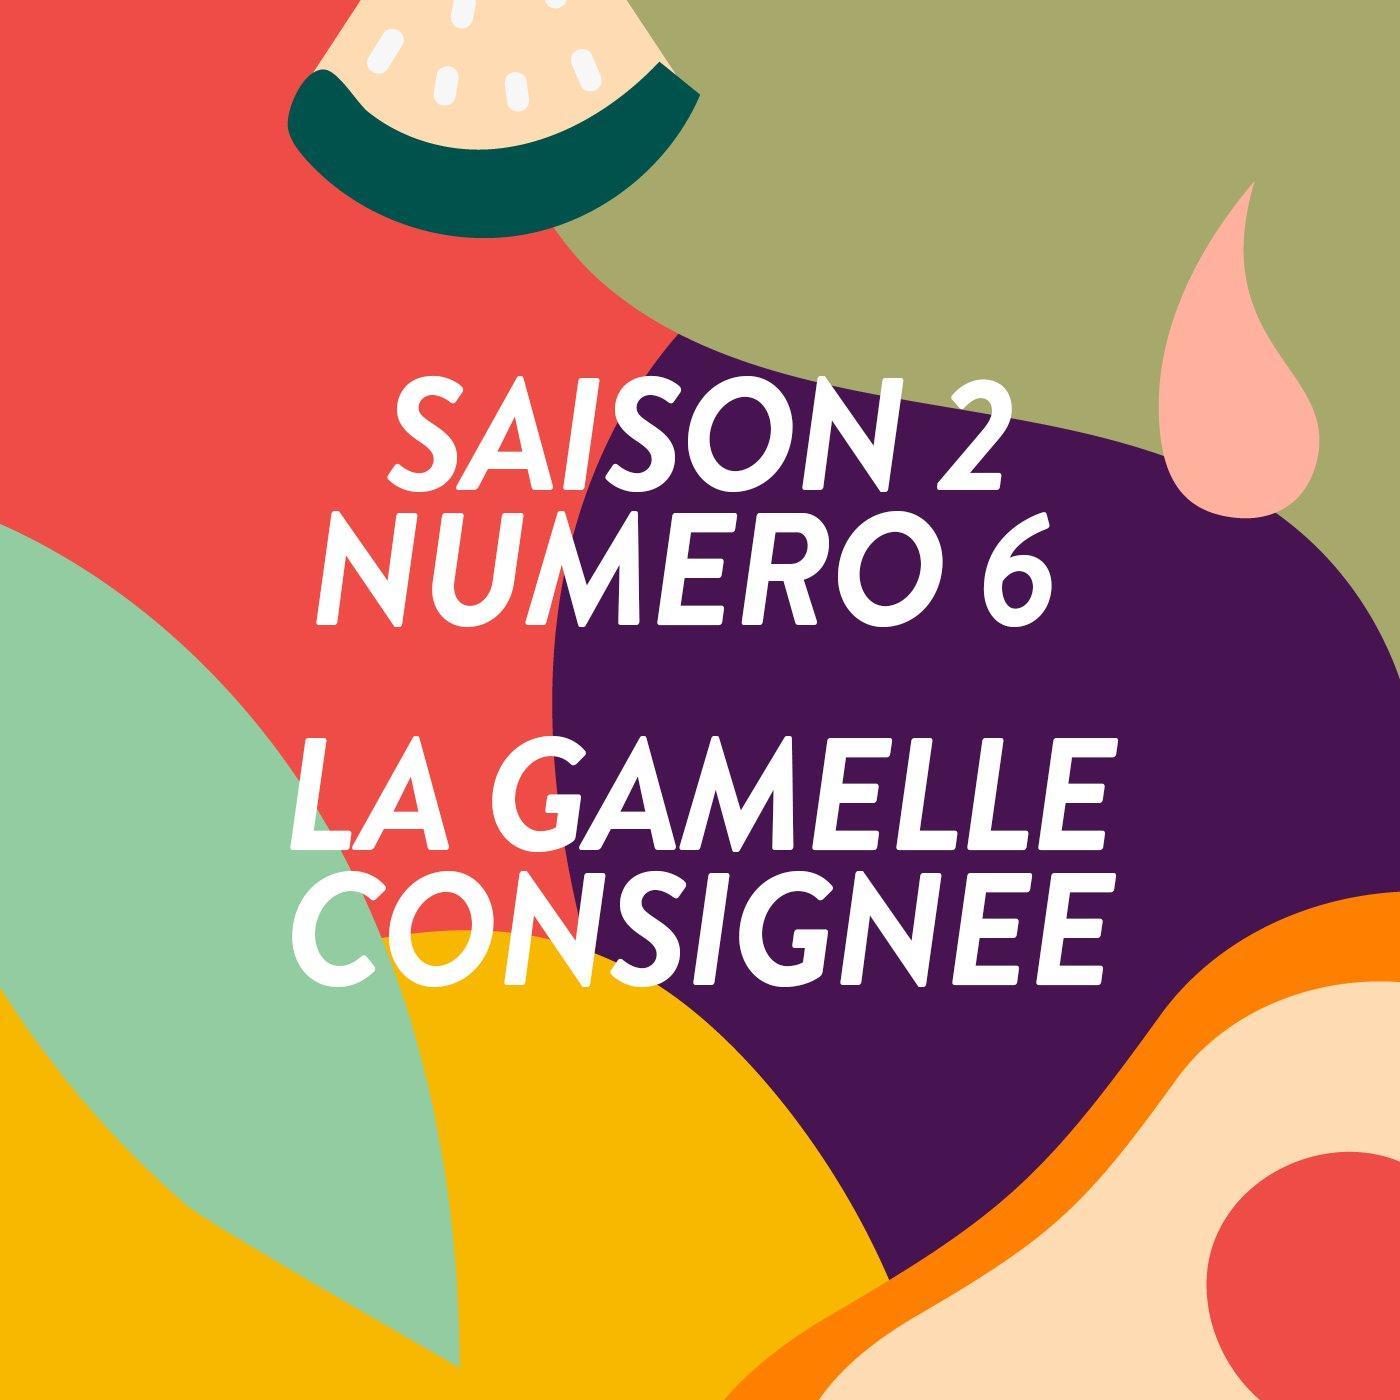 La Gamelle Consignée / #6 S2